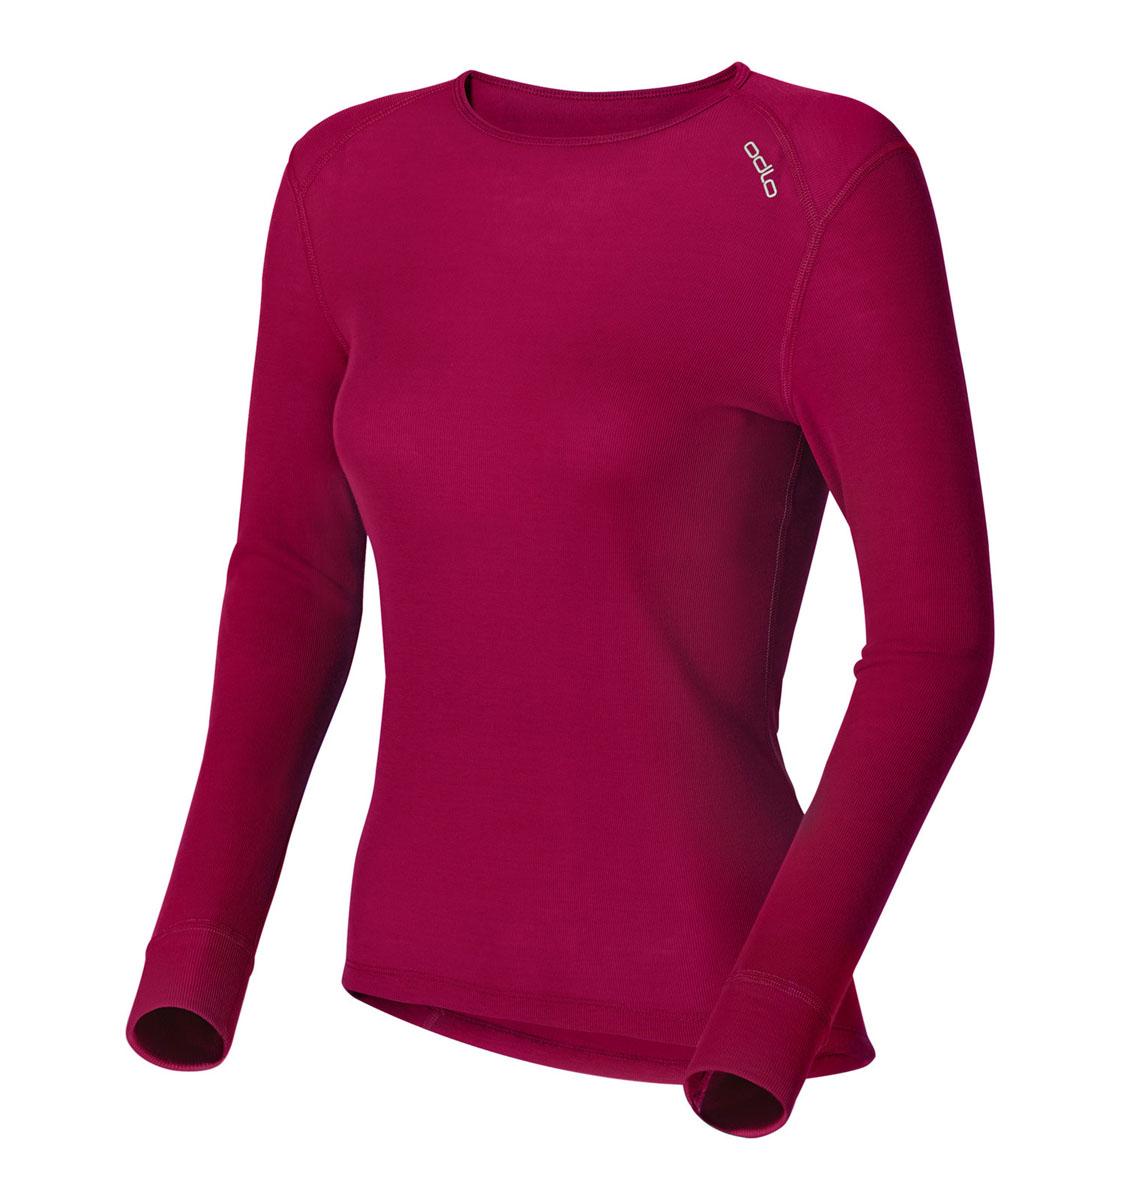 Термобелье футболка152021_15000Женская футболка с длинным рукавом Odlo Warm идеально подойдет для активного отдыха или тренировок. Лицевая сторона гладкая, а изнаночная - с мягким теплым начесом, позволяющим отводить влагу и сохранять кожу сухой. Мягкие плоские швы позволяют носить белье с комфортом, а благодаря Effect by ODLO нет неприятных запахов. Изделие отличается хорошей термоизоляцией. Благодаря ионам серебра, входящим в состав волокон ткани, предотвращается размножение бактерий и развитие неприятного запаха. Модель с длинными рукавами и круглым вырезом горловины оформлена небольшой термоаппликацией в виде названия бренда. Рукава дополнены широкими эластичными манжетами. Спинка незначительно удлинена. Рекомендуемая температура до -15°С.